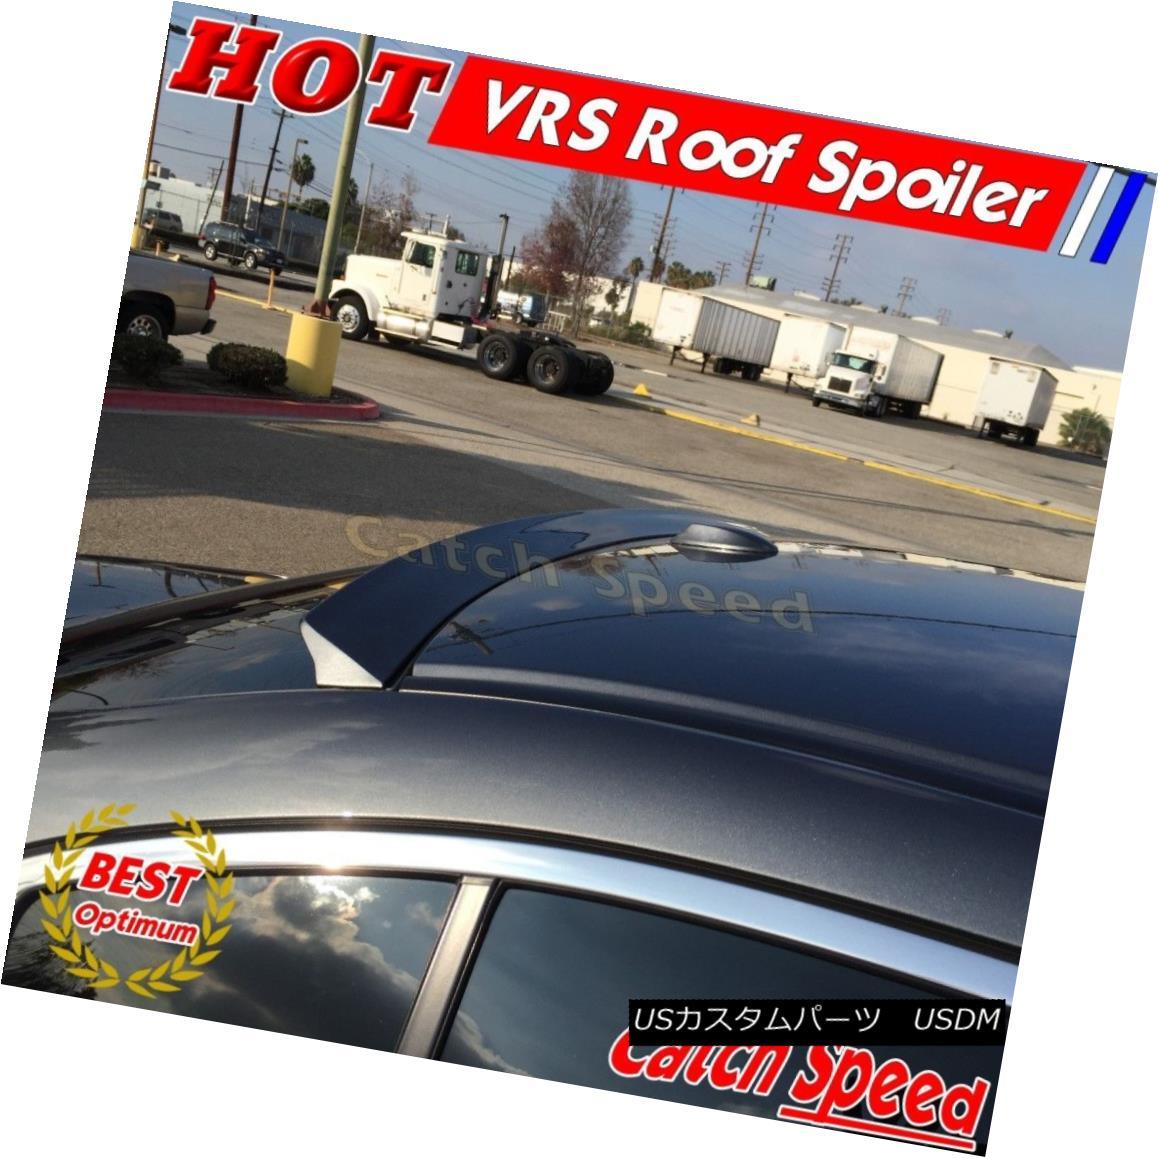 エアロパーツ Flat Black VRS Style Rear Roof Spoiler Wing For Cadillac ATS-V Coupe 2015-2016 キャデラックATS-Vクーペ2015-2016用フラットブラックVRSスタイルリアルーフスポイラーウイング